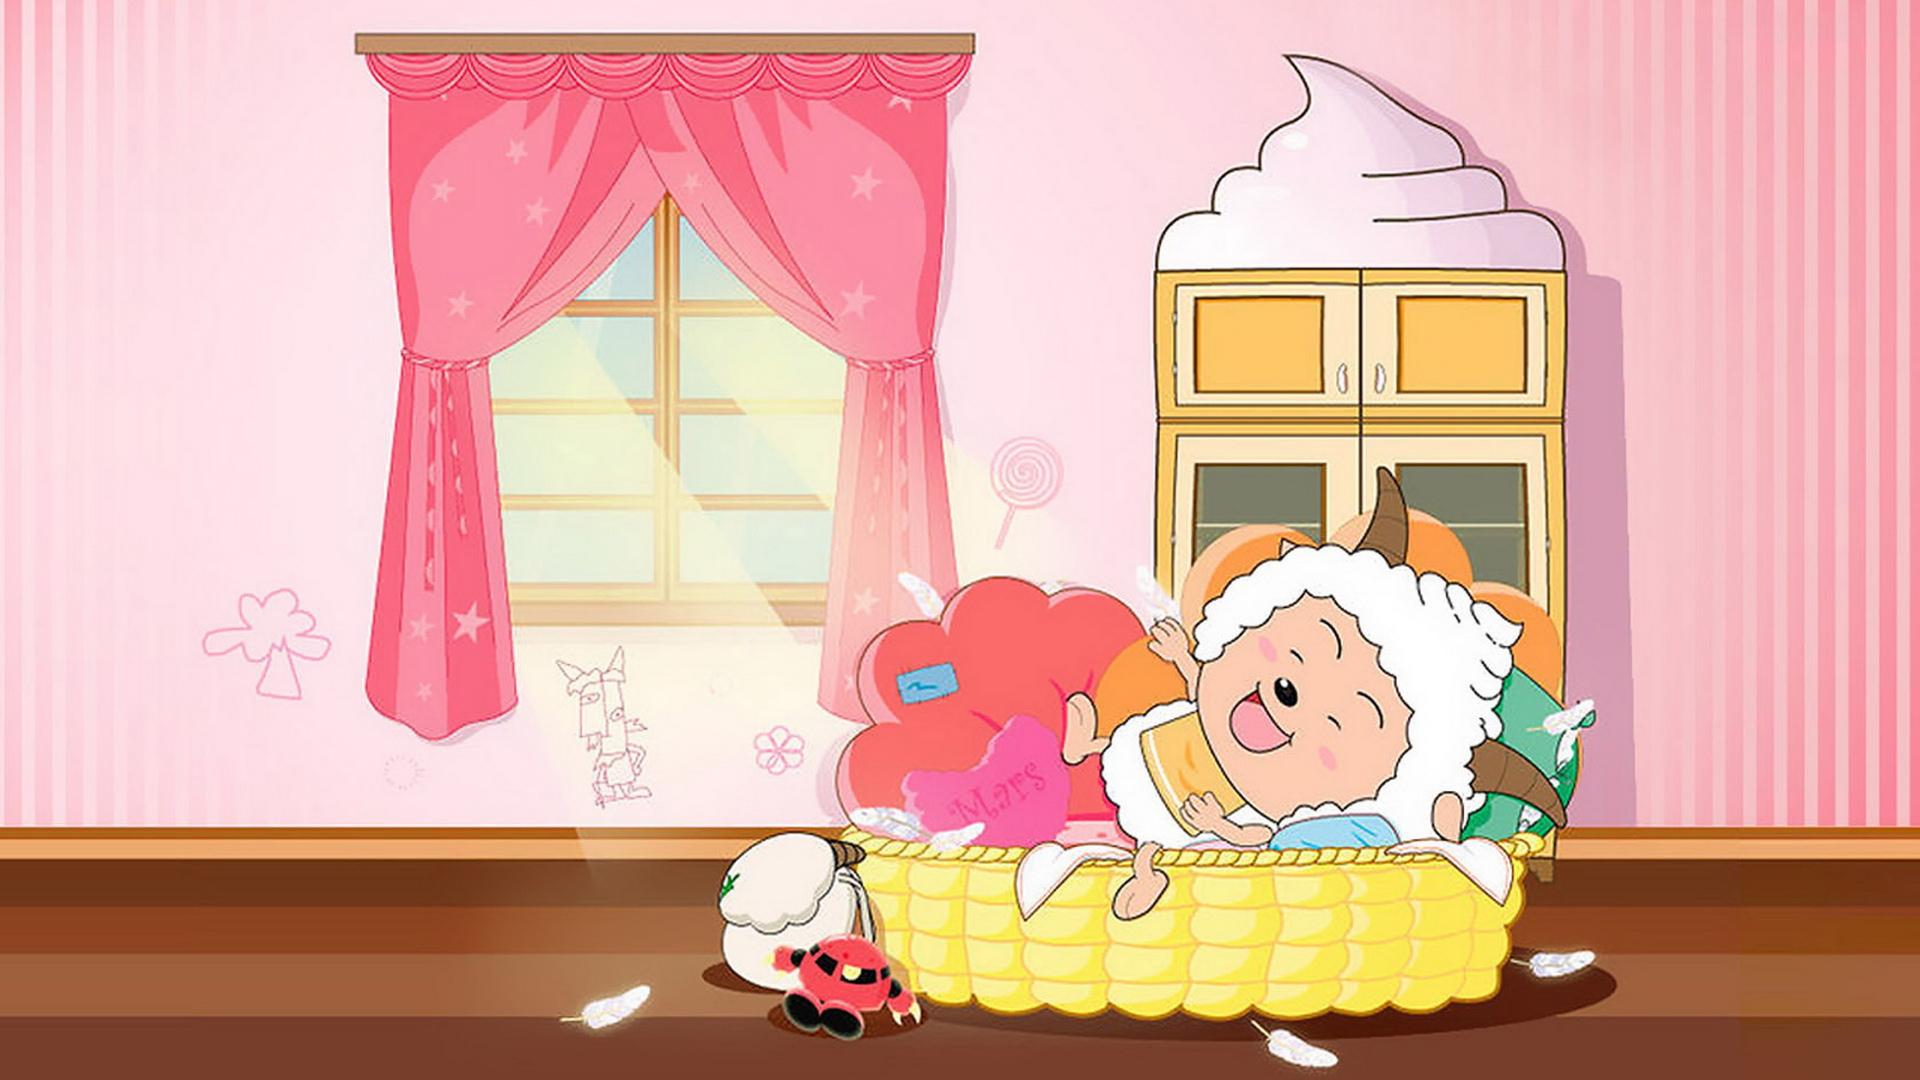 喜羊羊与灰太狼卡通PPT背景图片免费下载是由PPT宝藏(www.pptbz.com)会员zengmin上传推荐的卡通PPT背景图片, 更新时间为2016-11-08,素材编号110649。 国产原创系列动画片《喜羊羊与灰太狼》系列,是由广东原创动力文化传播有限公司制作的童话题材原创动画作品。于2005年8月在杭州电视台少儿频道首播,全集530集,导演黄伟明,编剧黄伟健。 羊历3513年,青青草原上,羊羊族群已经十分兴旺发达。在羊羊一族里面已经有小镇,有学校,有超市,医院、美容院,所有羊羊族群的羊都幸福快乐